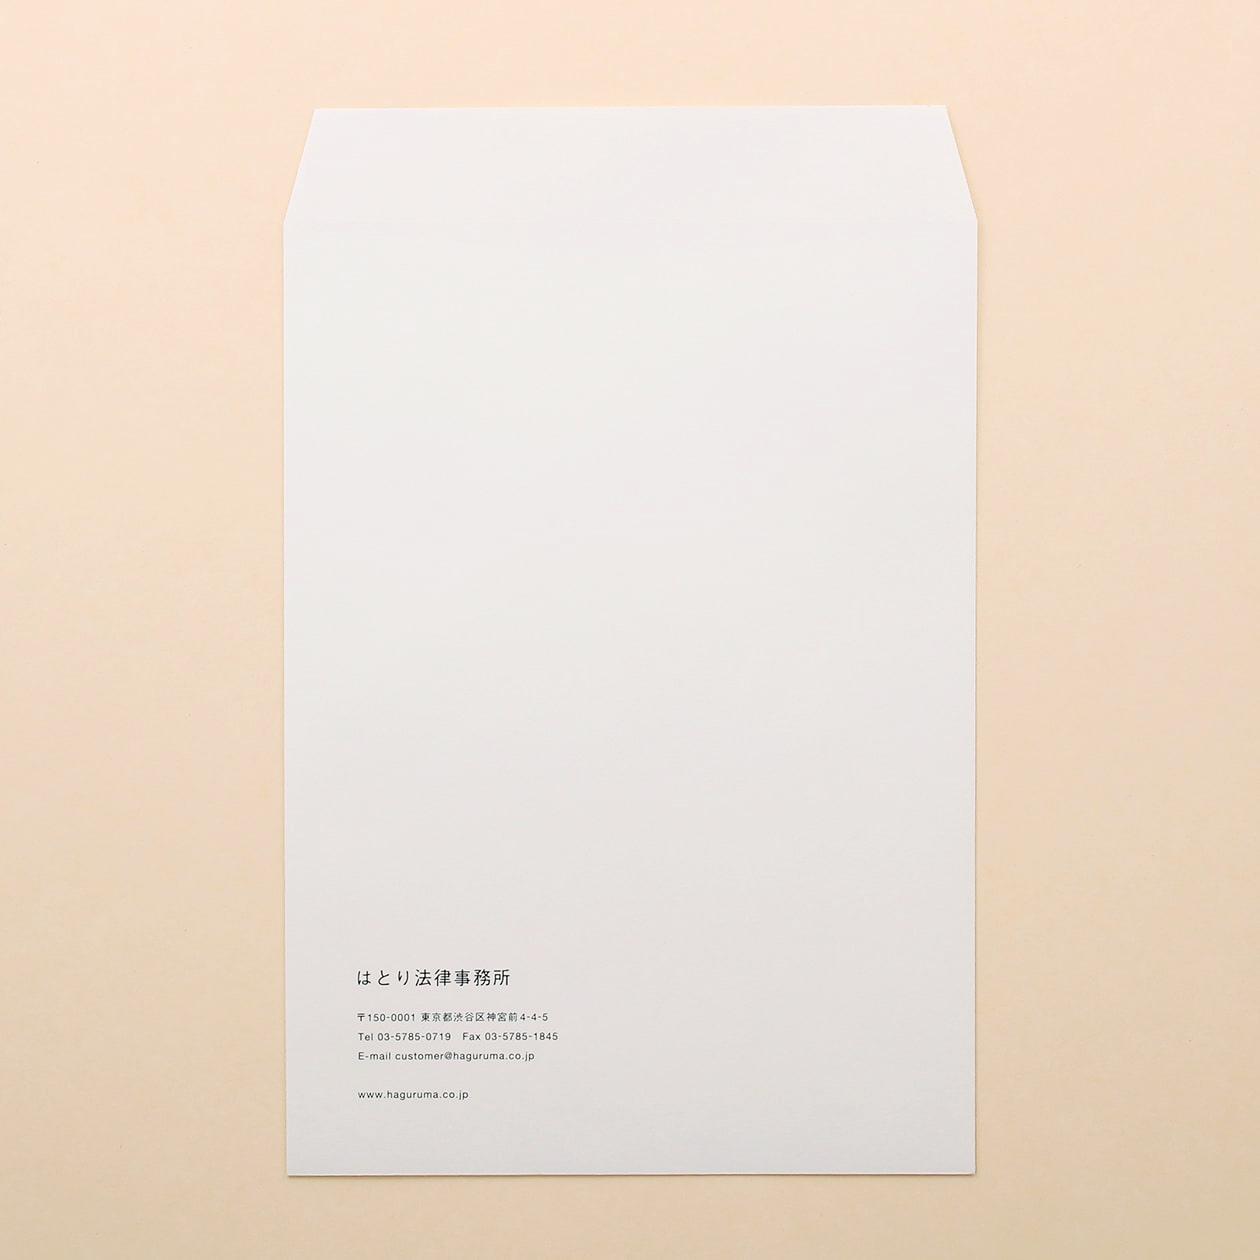 角2社用封筒(デジタルブラック) 100枚